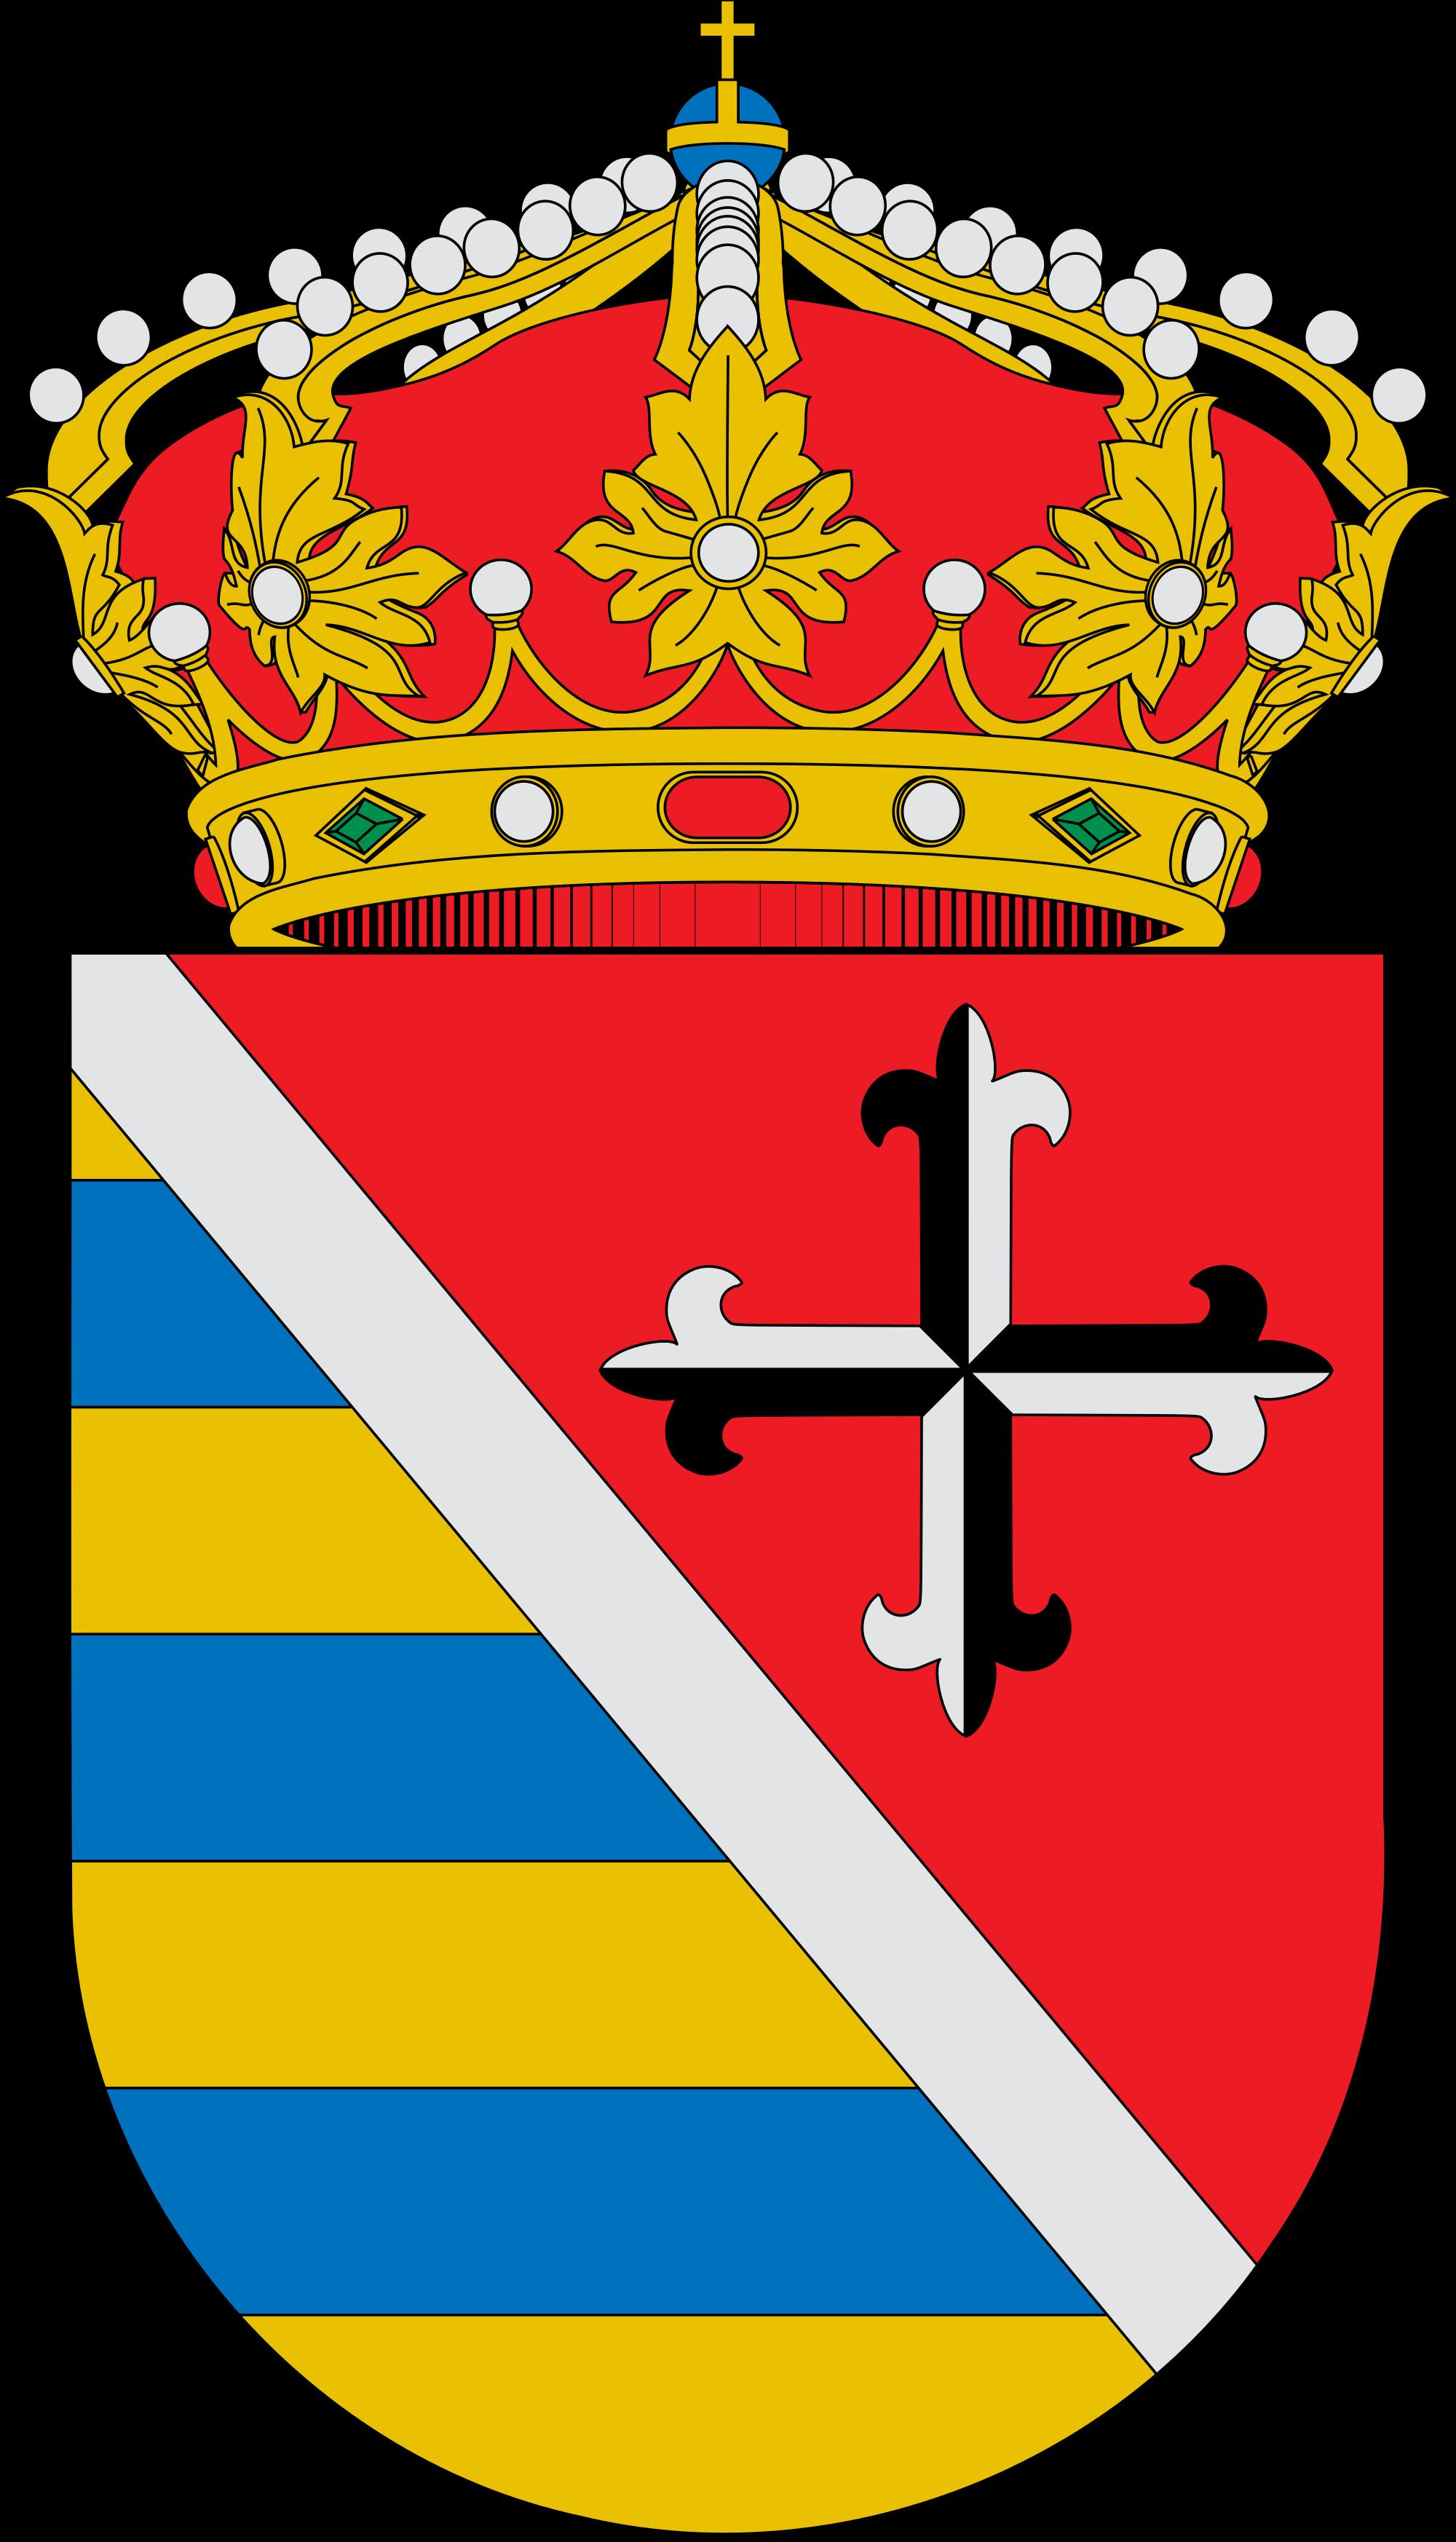 File:Escudo de Villamesias (Caceres).svg.